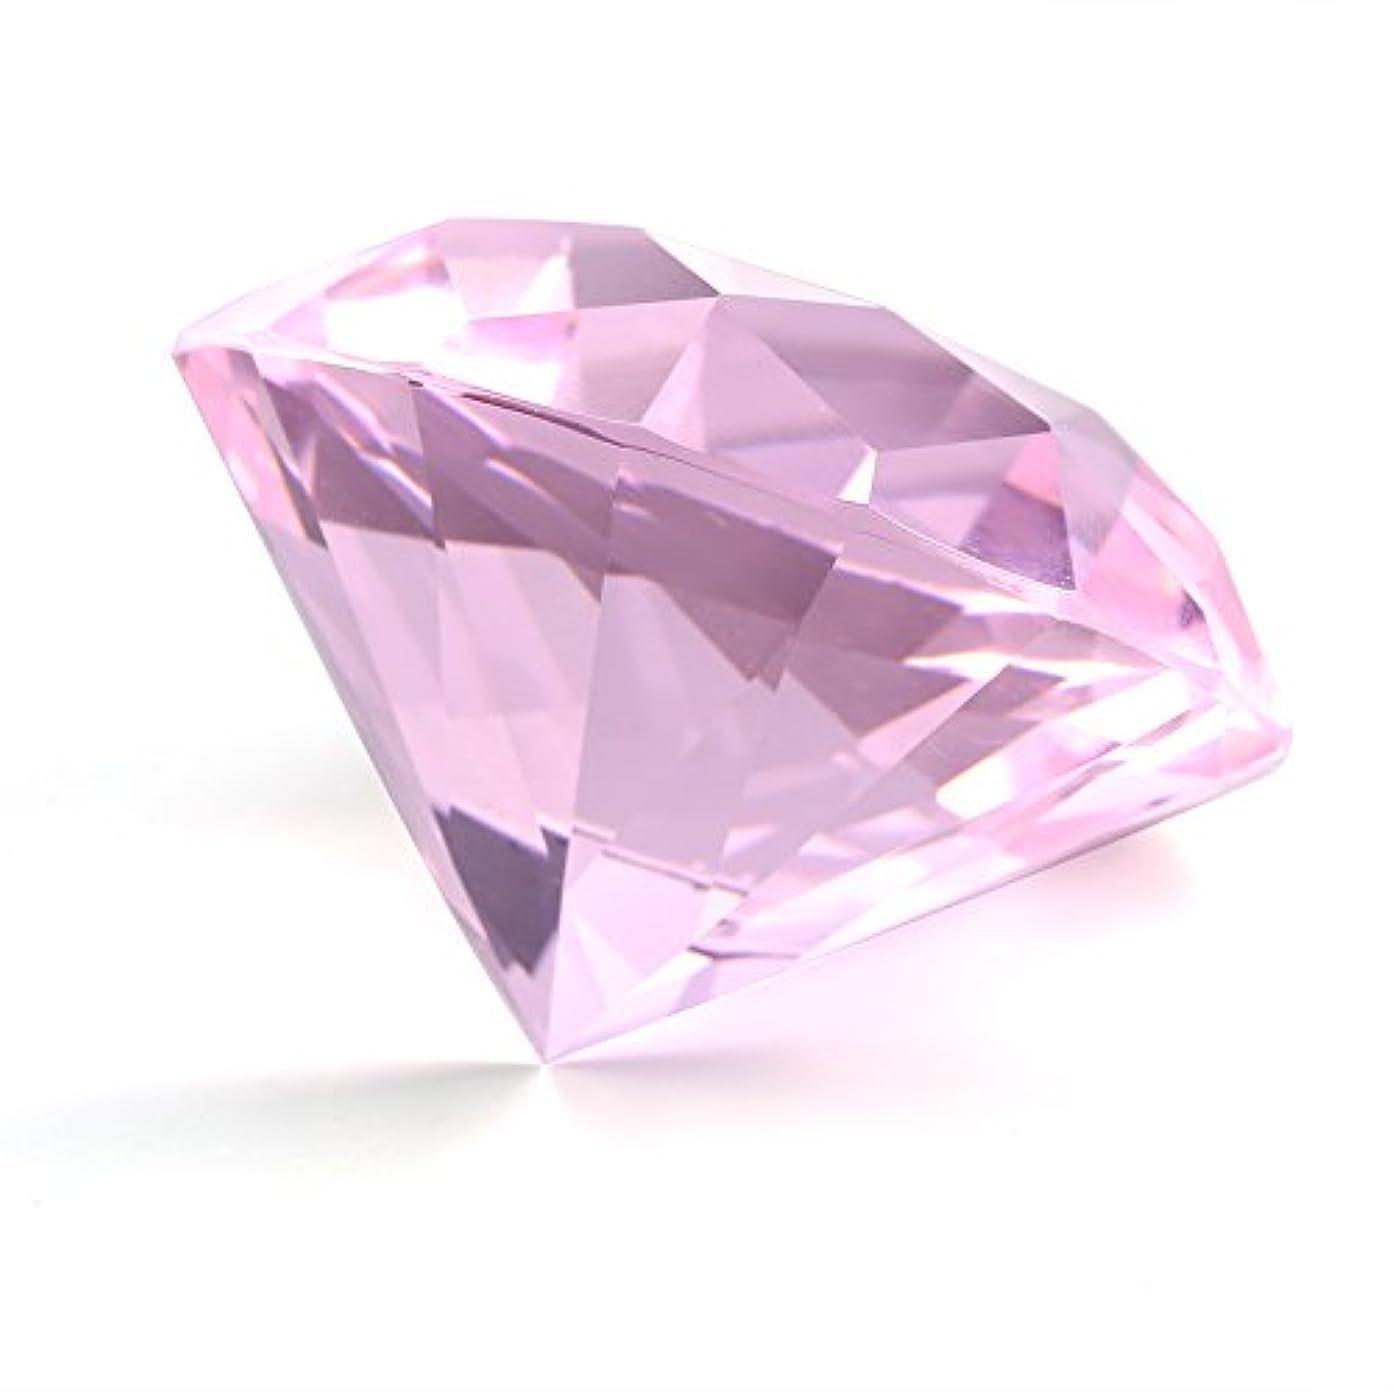 吸収するスロベニアマダム2色 ネイルアート ディスプレイガラス、クリスタルダイヤモンドハンドモデル撮影飾りマニキュアアクセサリー(1)